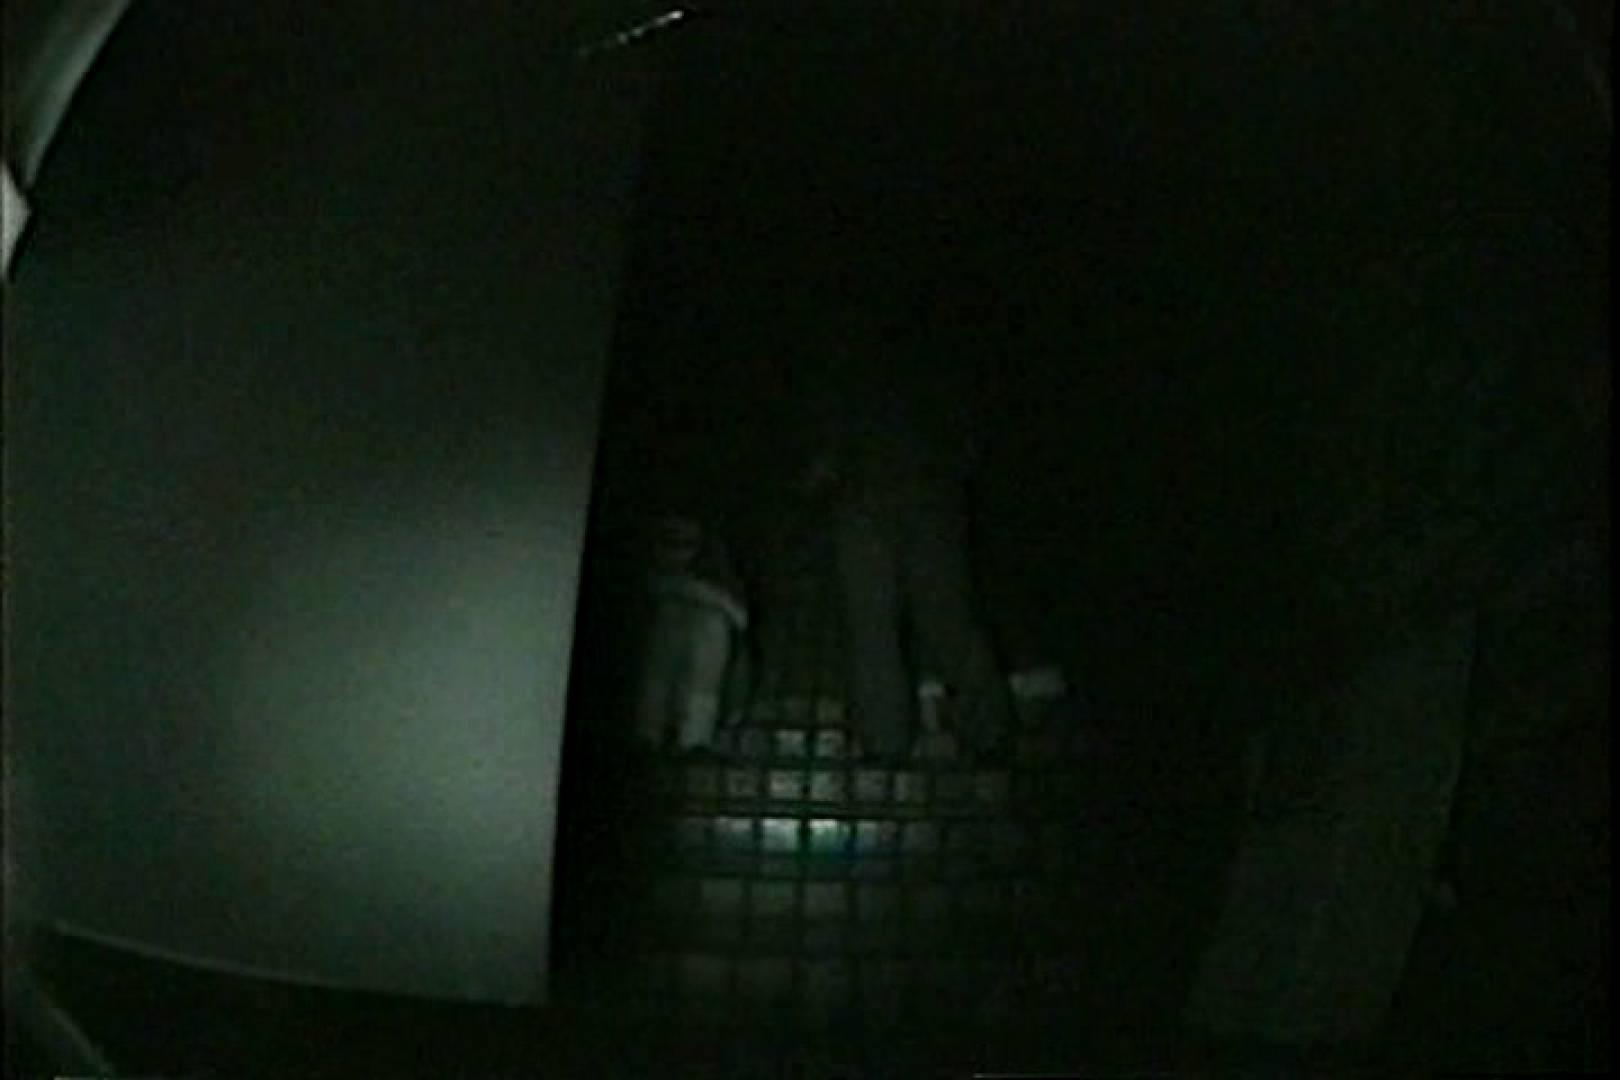 闇の仕掛け人 無修正版 Vol.17 OLヌード天国  75PIX 12